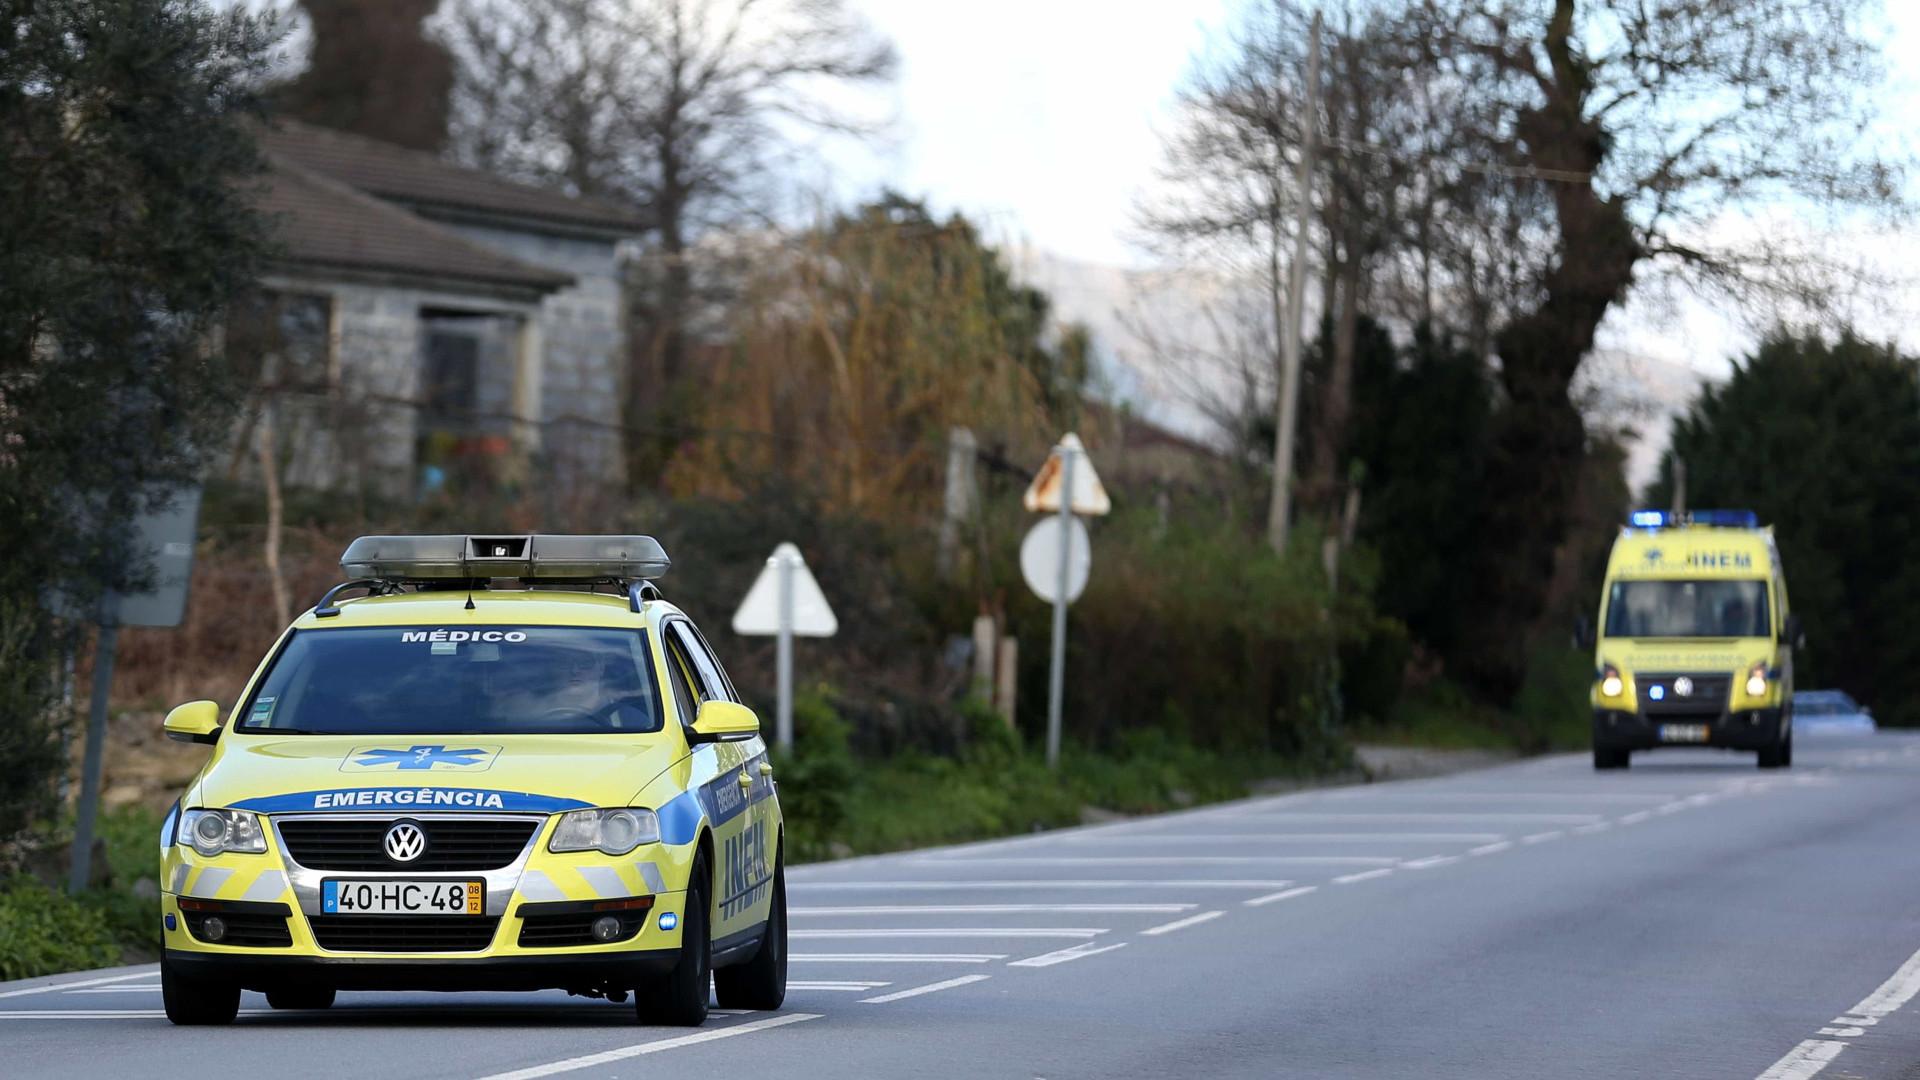 Atropelamento em Oeiras faz dois feridos